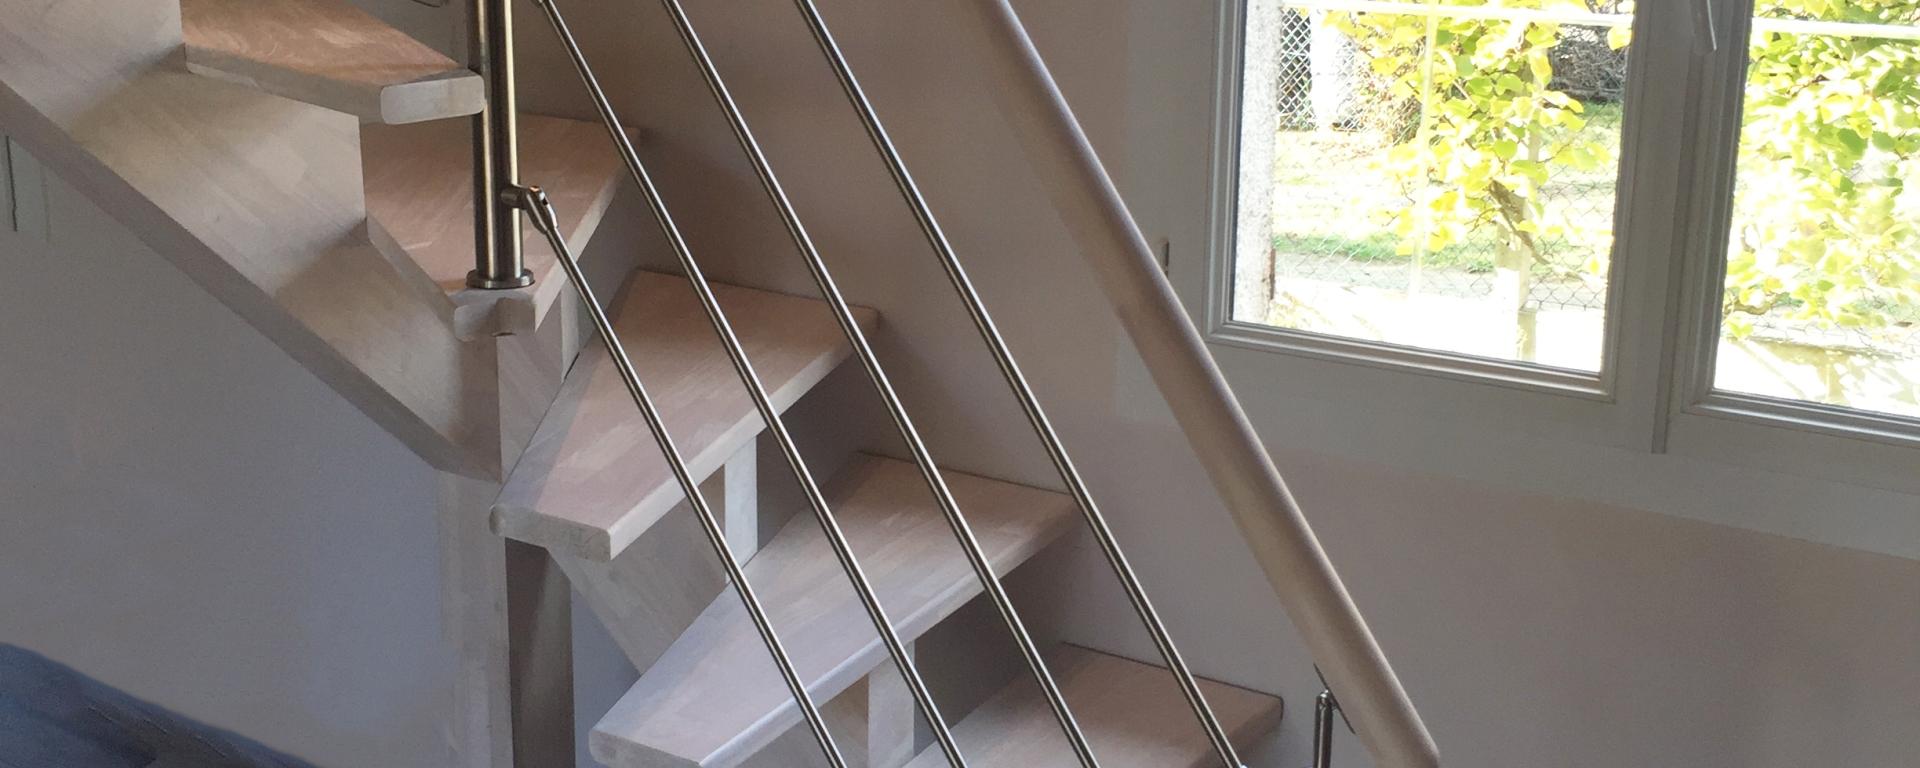 Vitrificateur Escalier Apres Peinture peindre son escalier – le blog de l'escalier